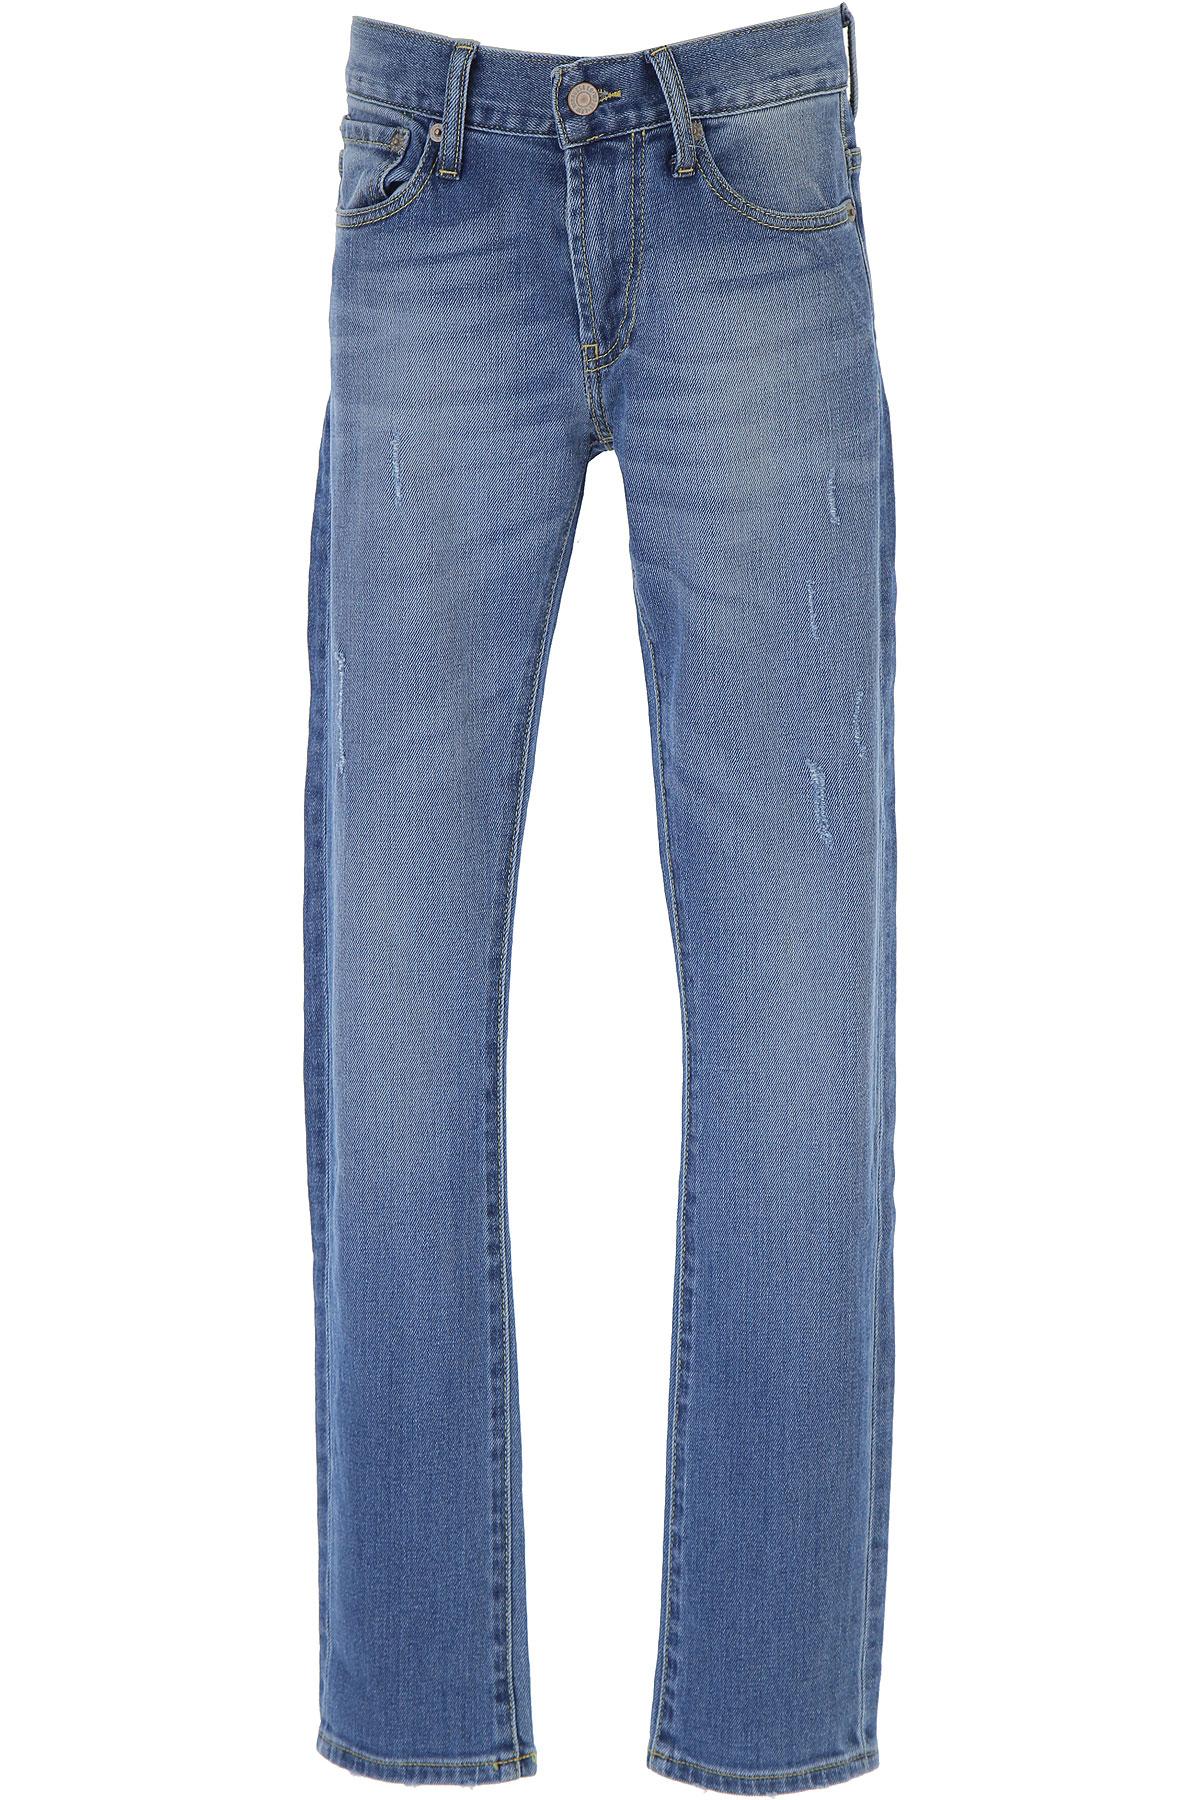 Levis Kids Jeans for Boys On Sale, Denim Light Blue, Cotton, 2019, 10Y 12Y